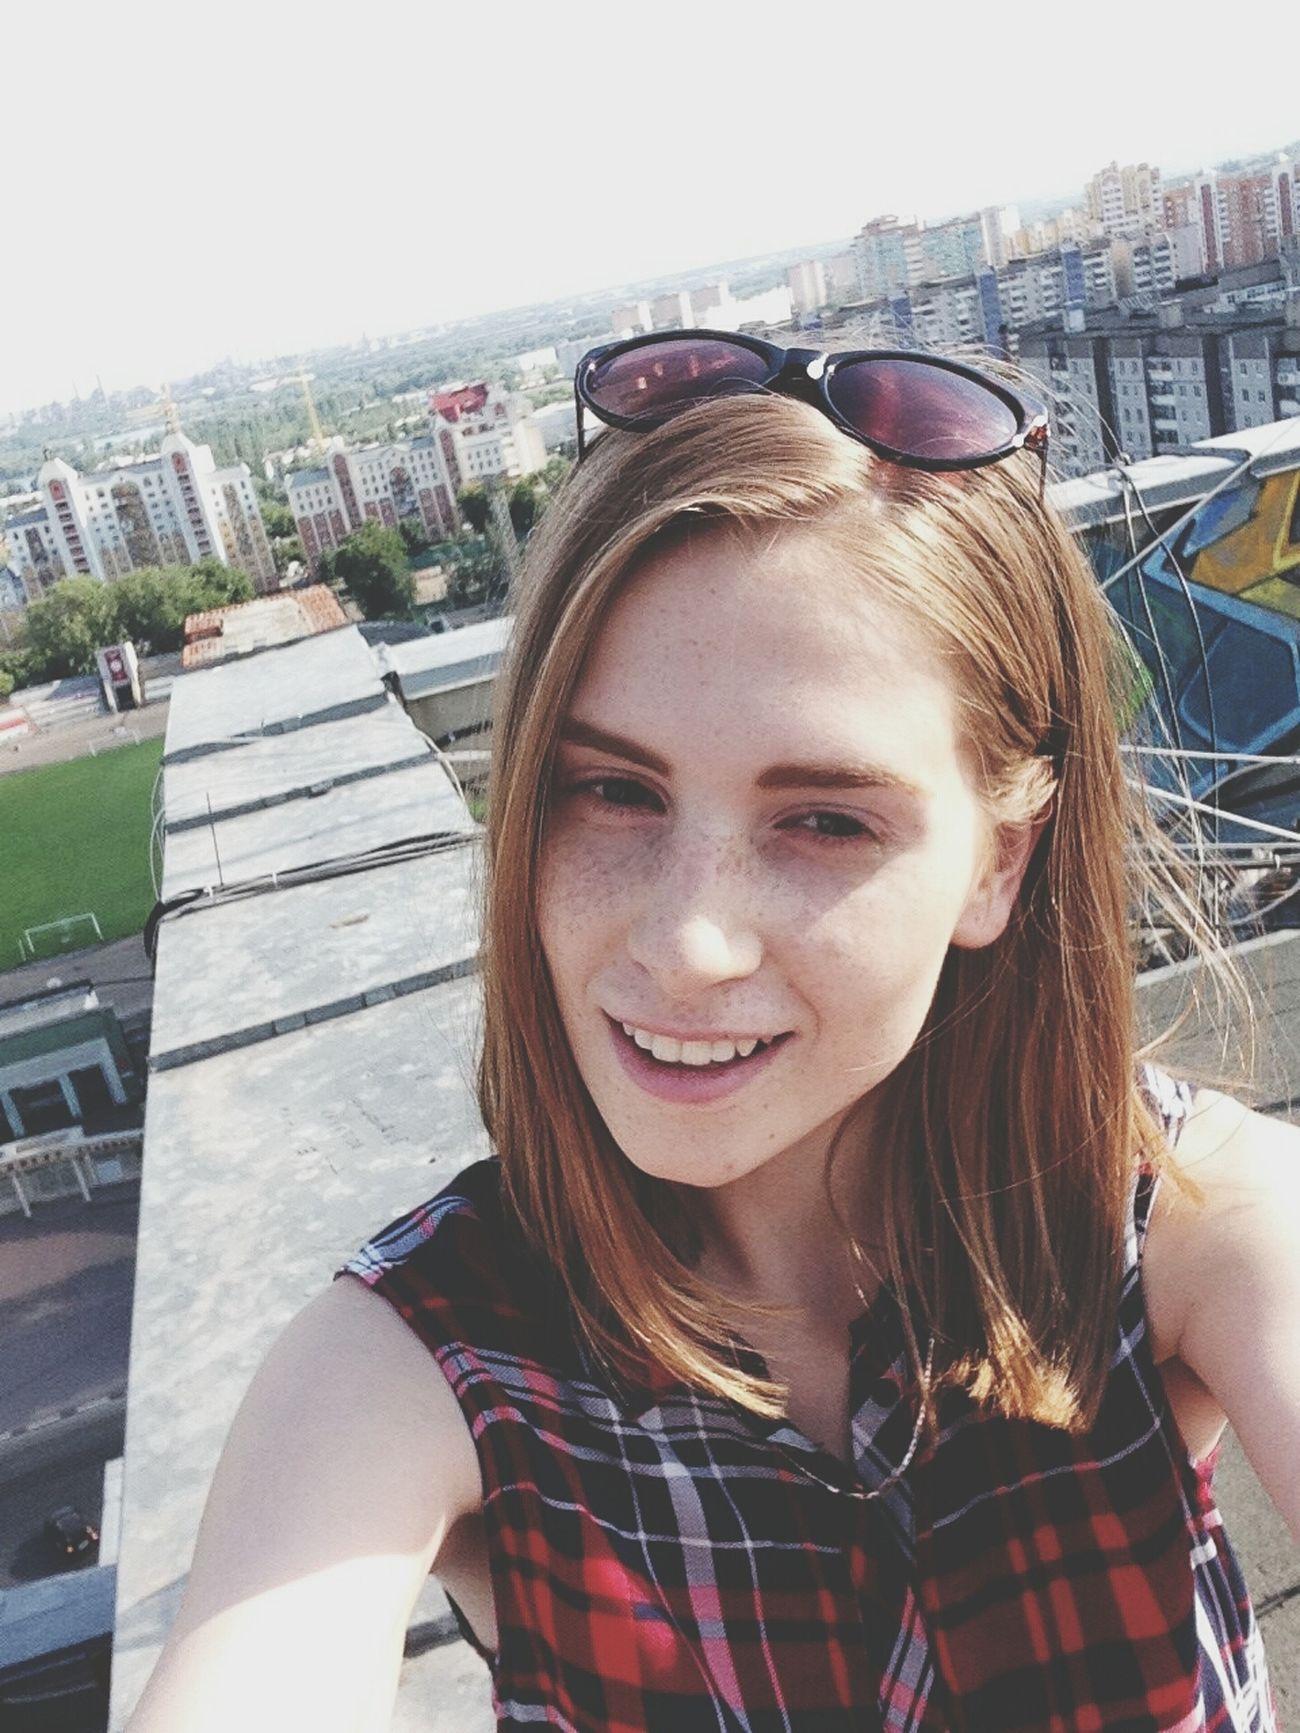 Roof.Landscape. City. Selfie ✌